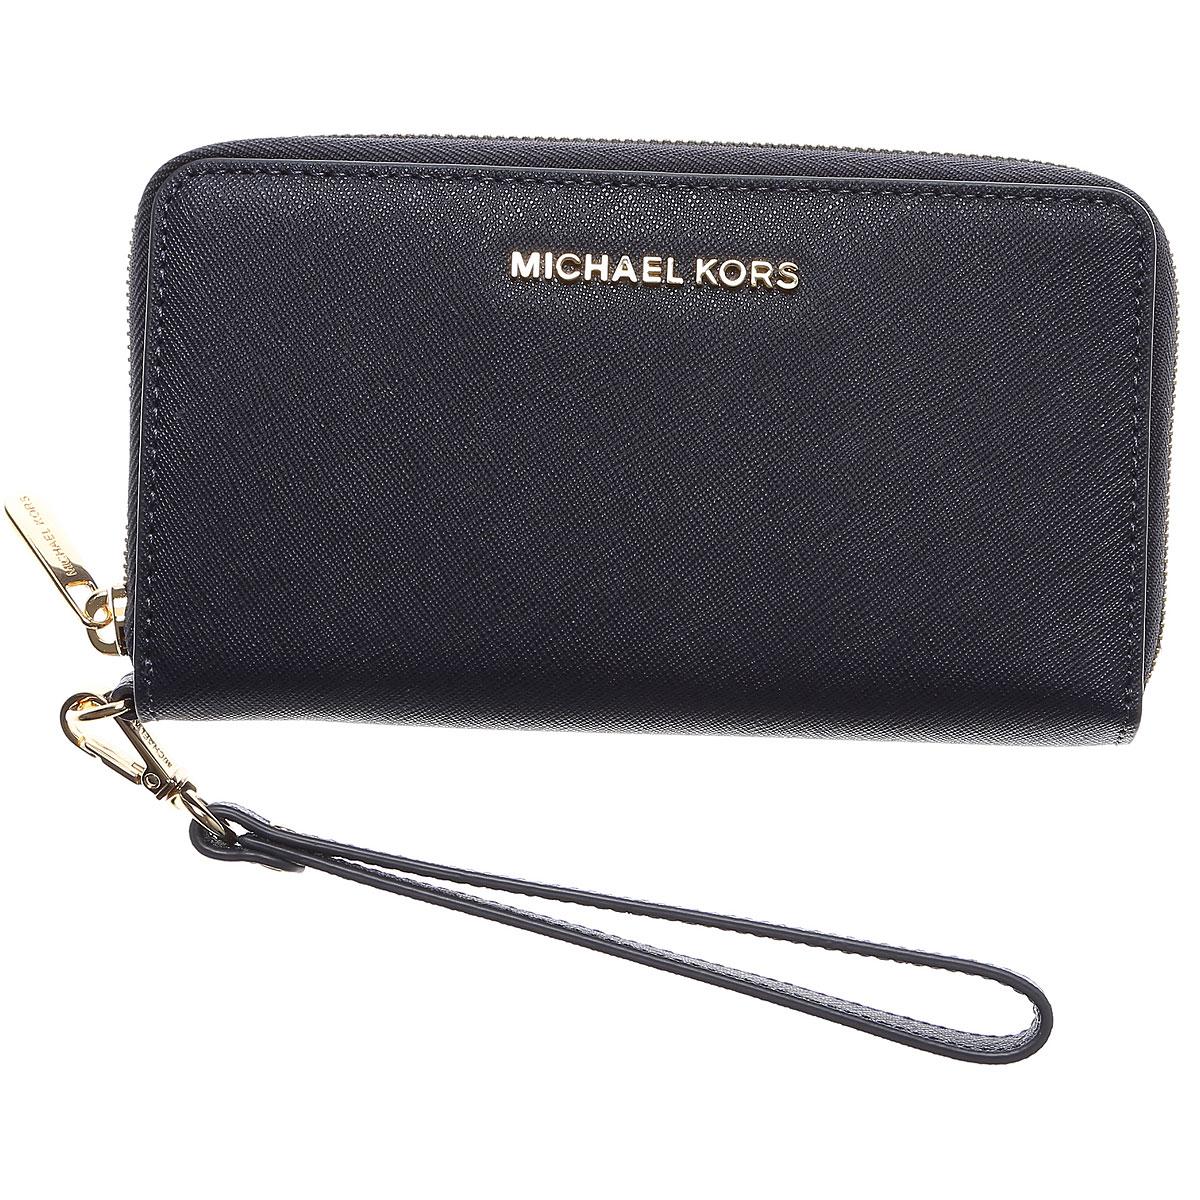 Michael Kors Wallet for Women In Saldo, Blu Ammiraglio, pelle, 2019